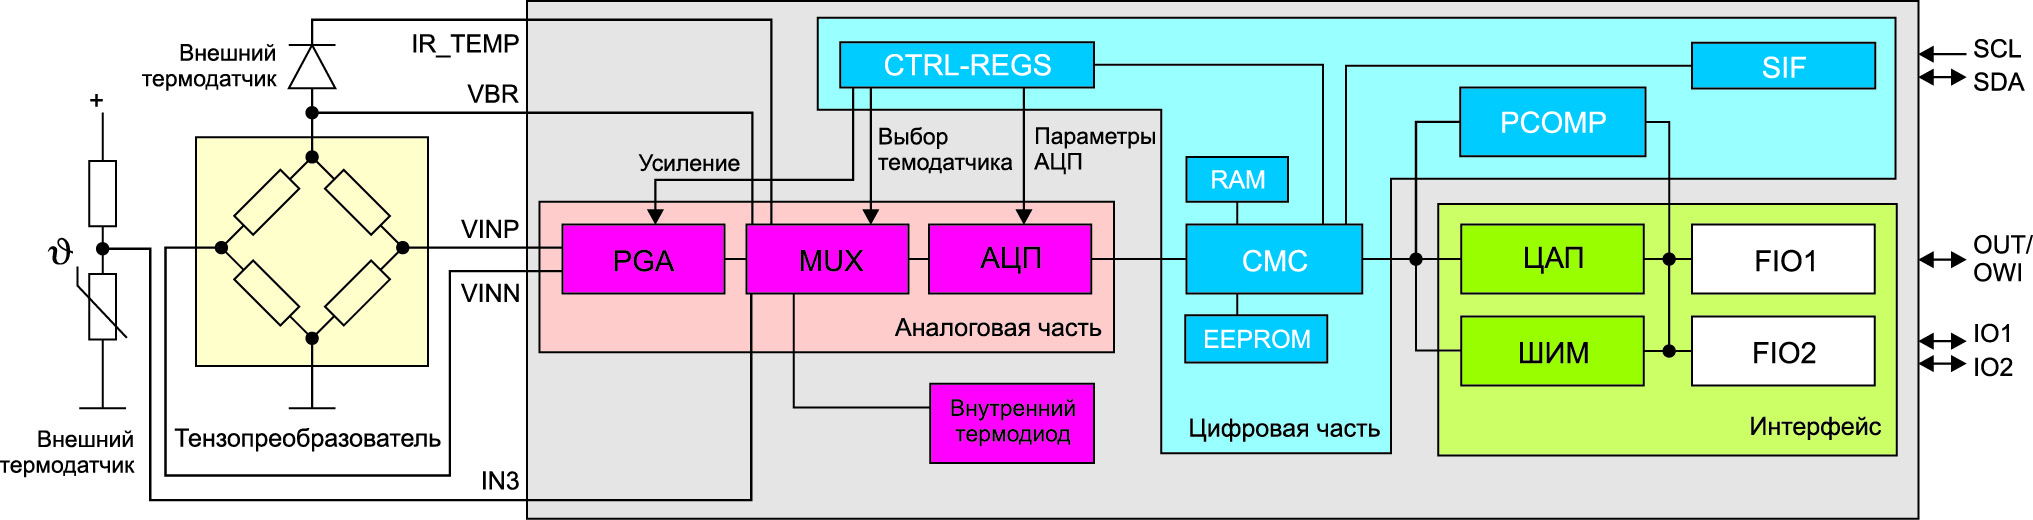 Функциональная диаграмма микросхемы ZSC31050